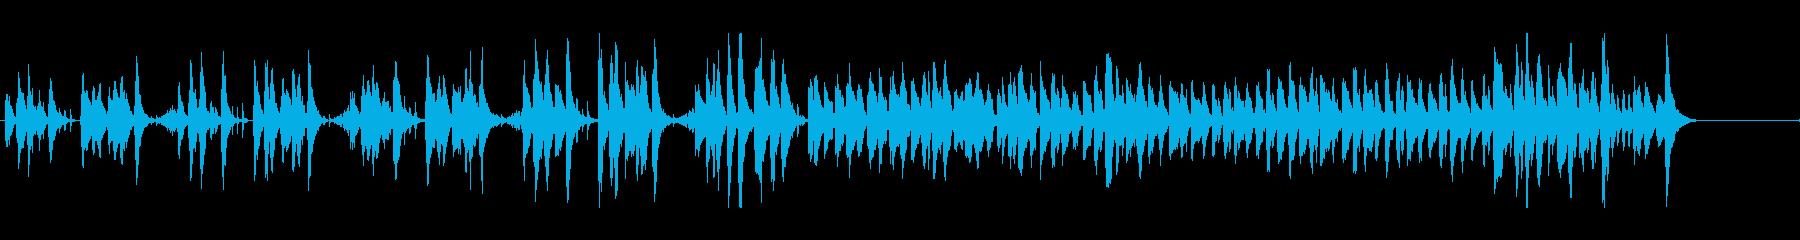 少しマヌケなほのぼの日常シーンBGMの再生済みの波形